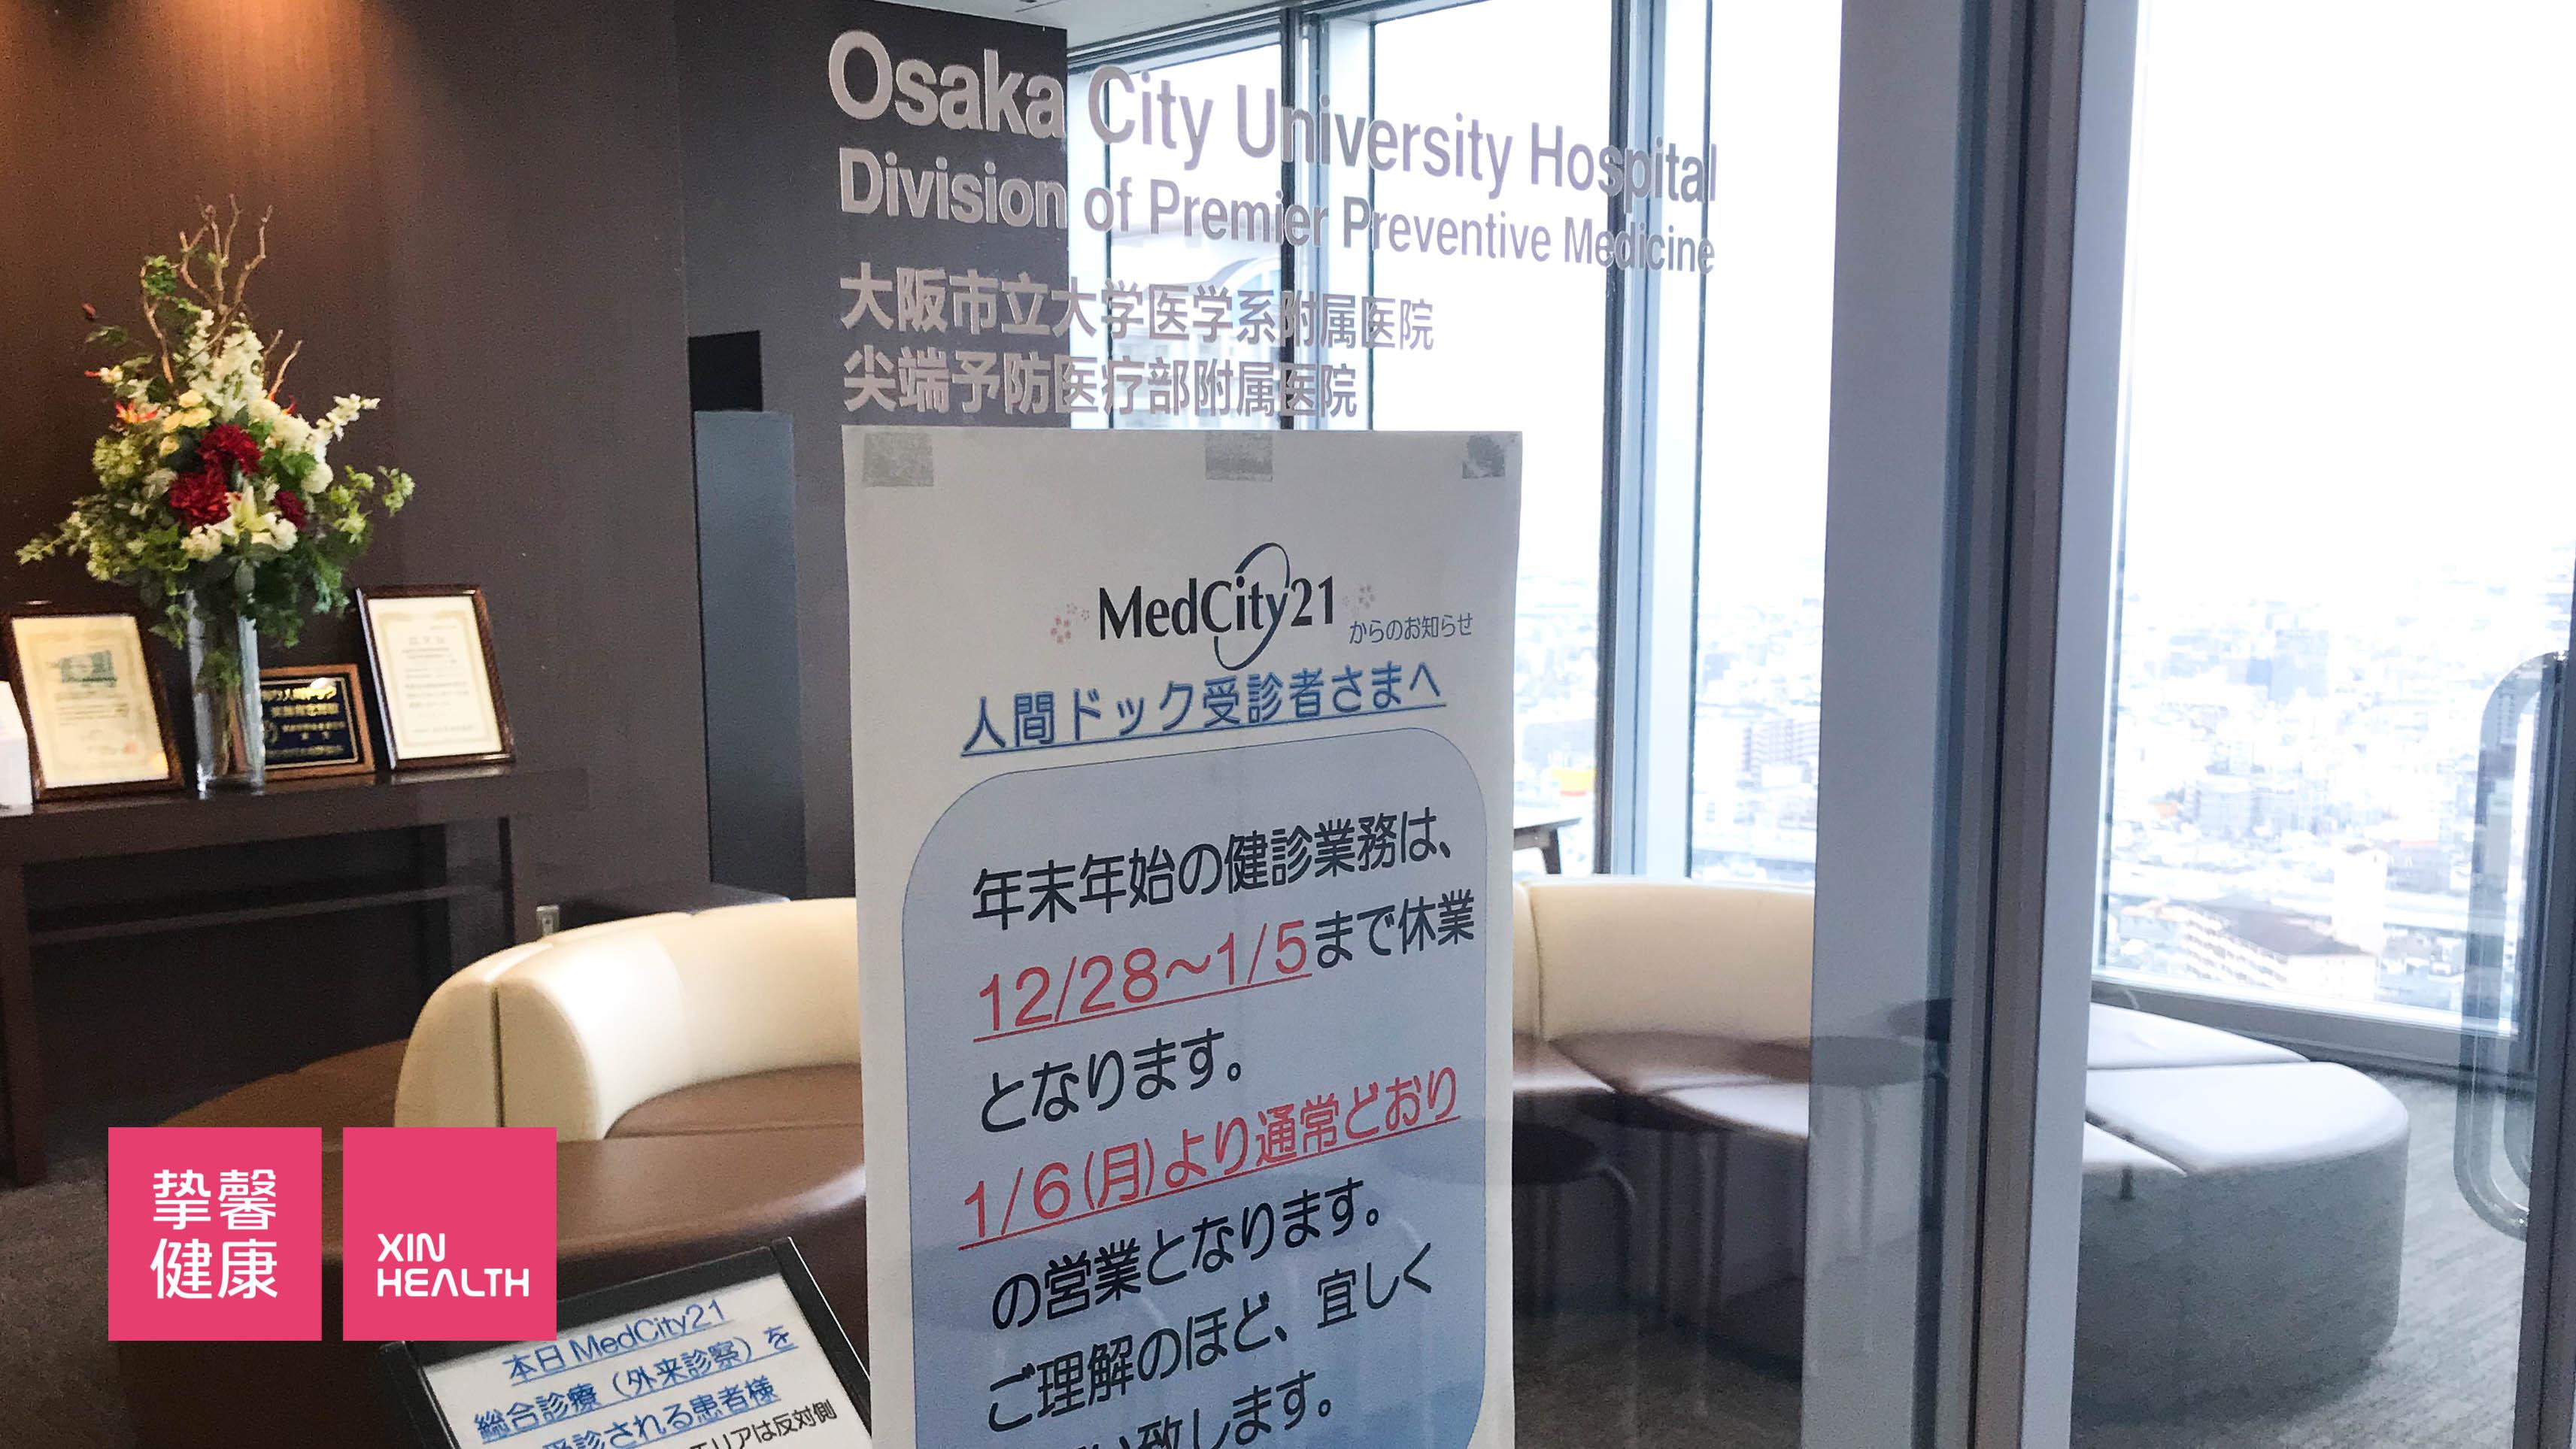 大阪市立大学医学部附属医院 体检部门口